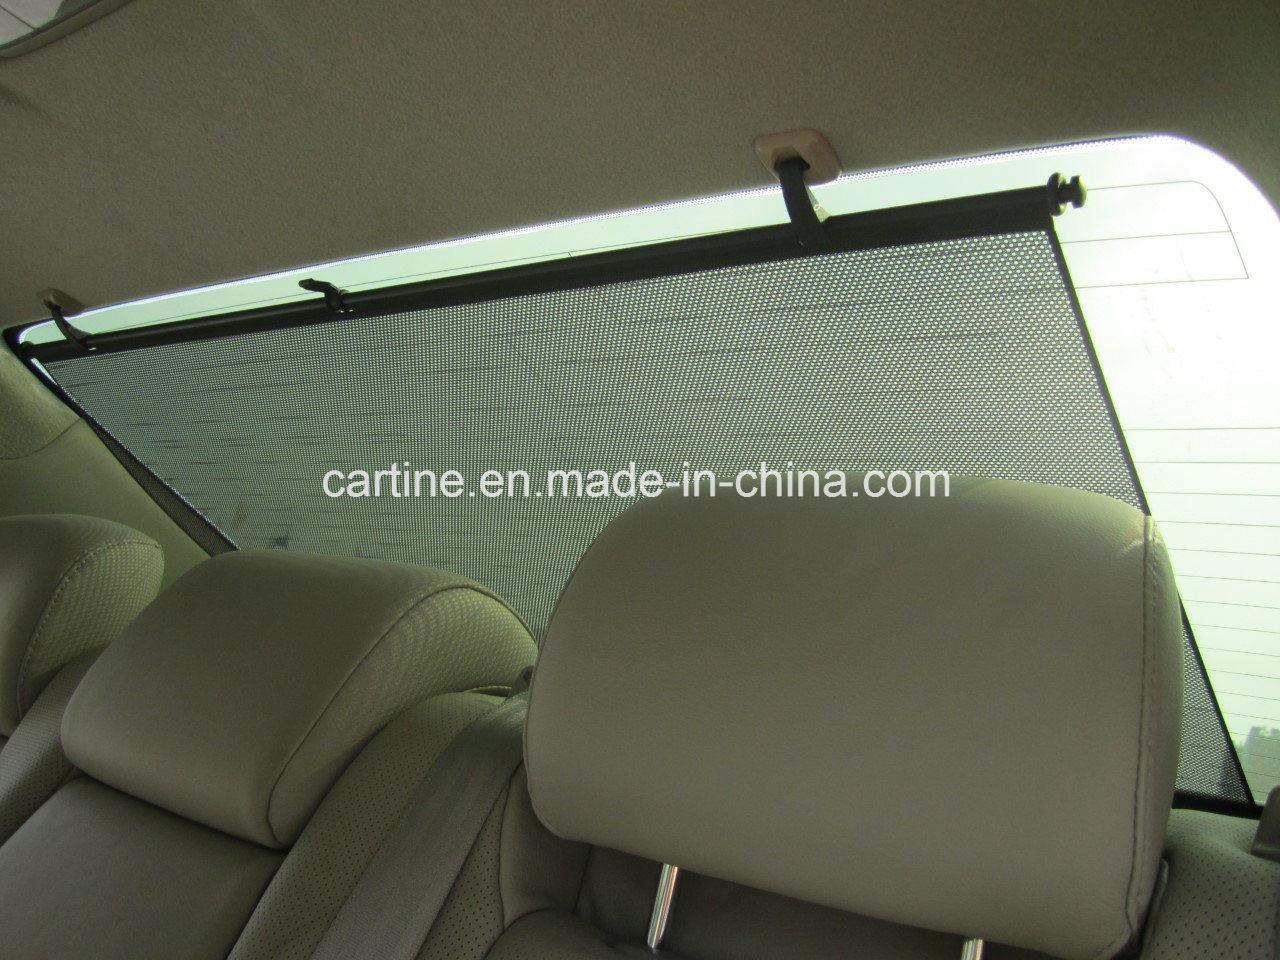 Car Sunshade for Rear Windshield